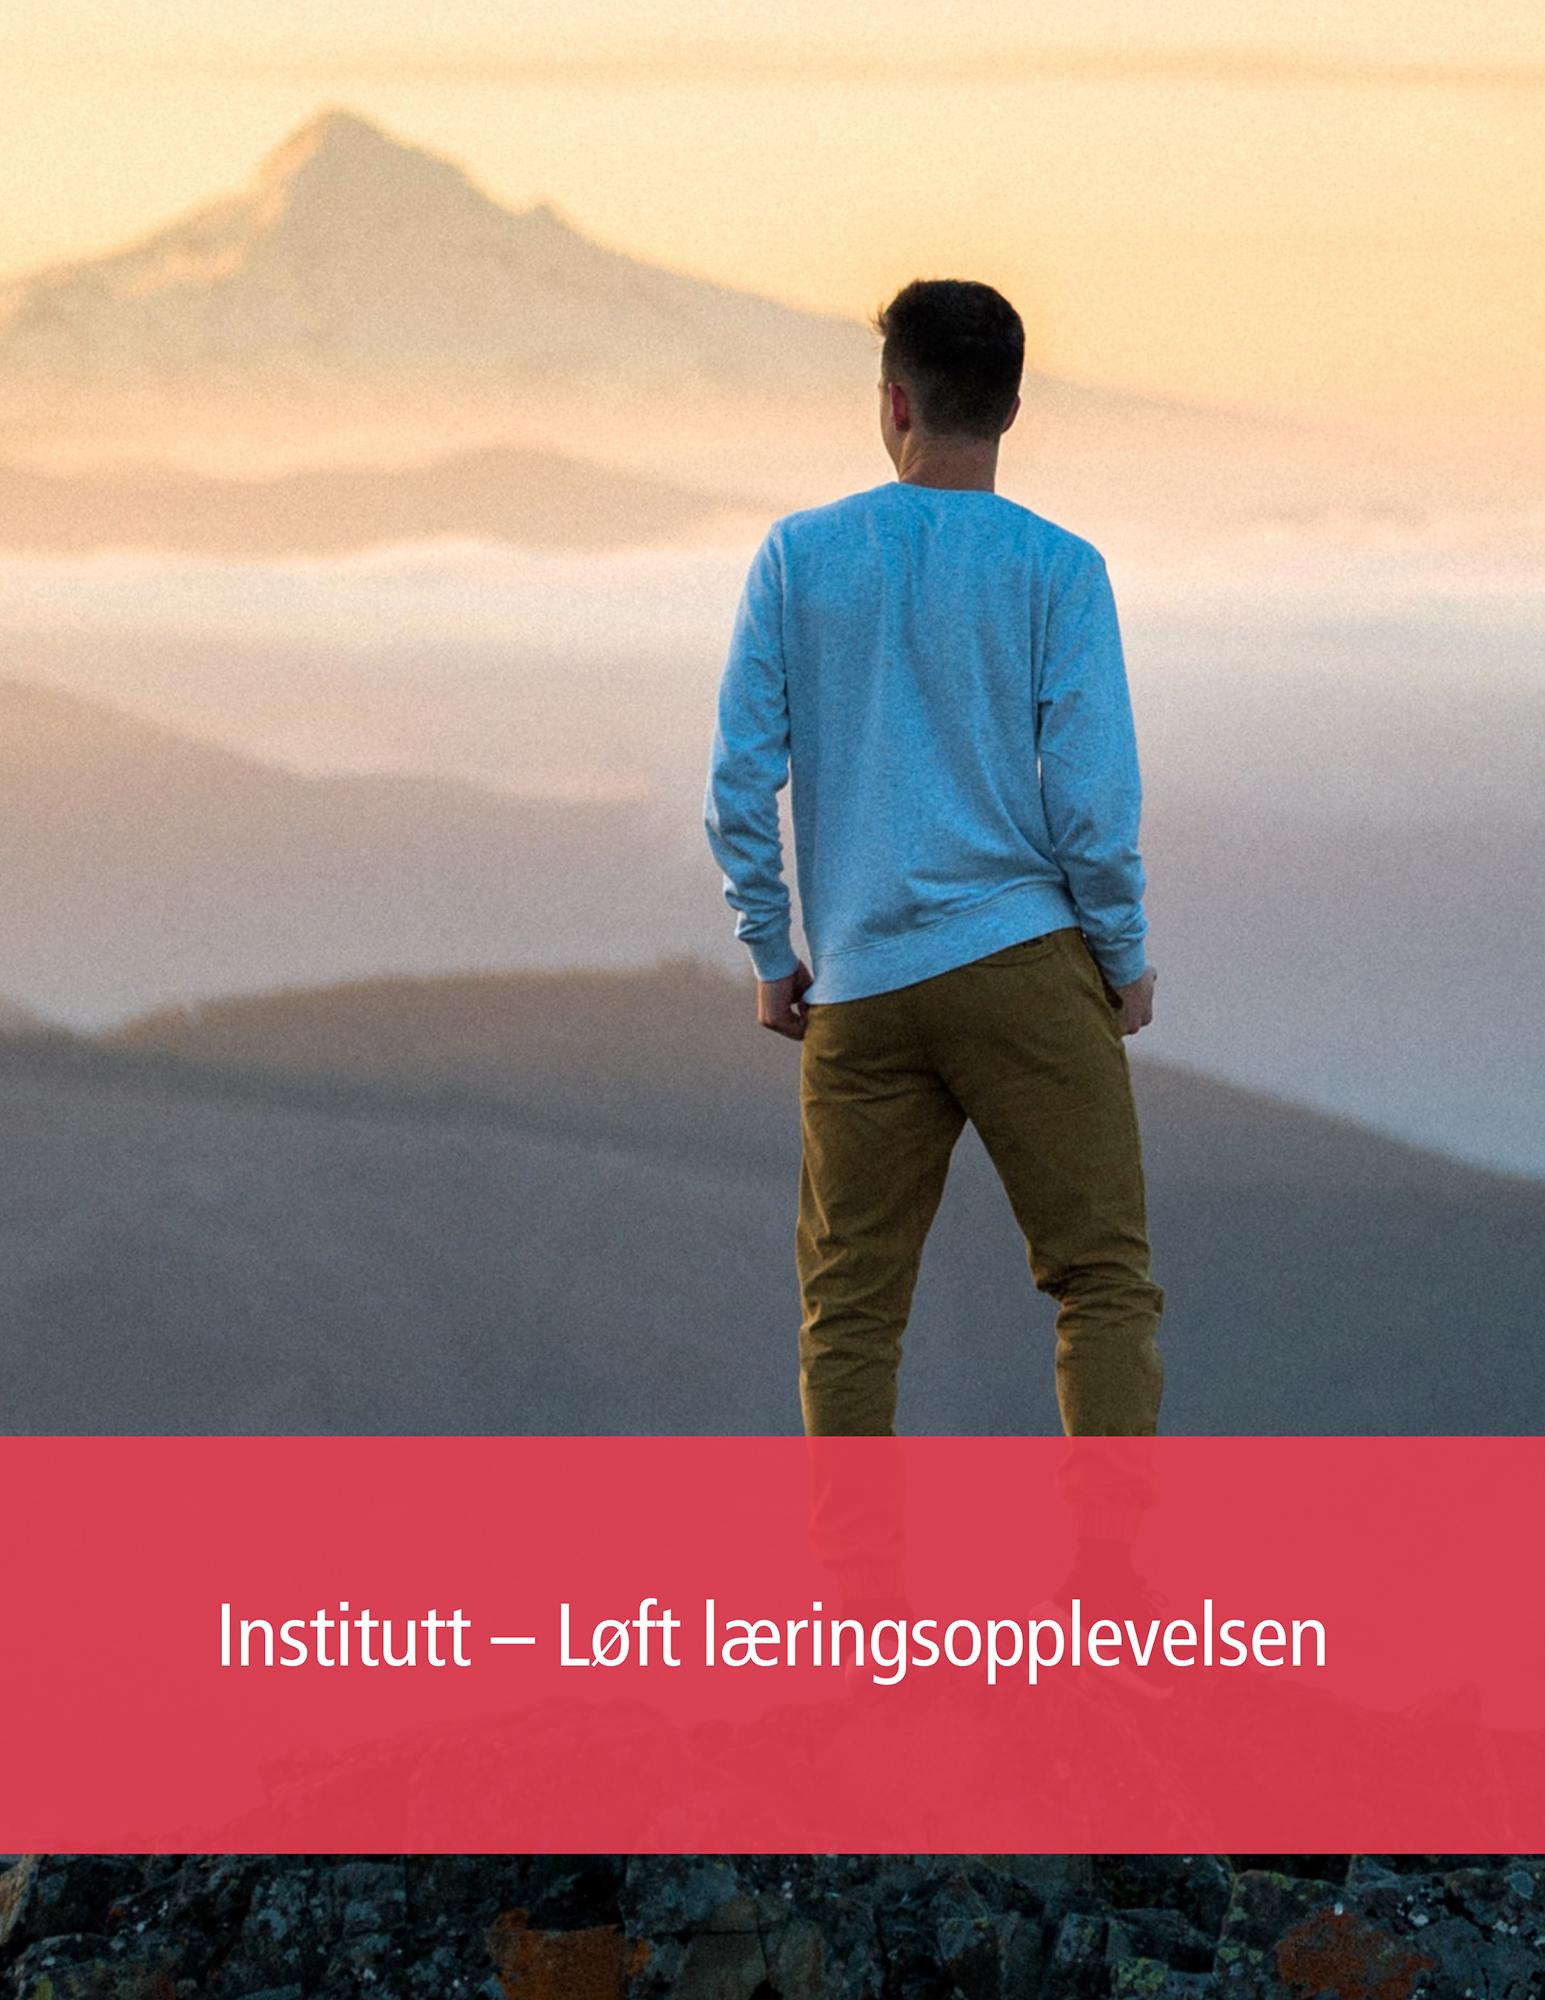 Institutt – Løft læringsopplevelsen